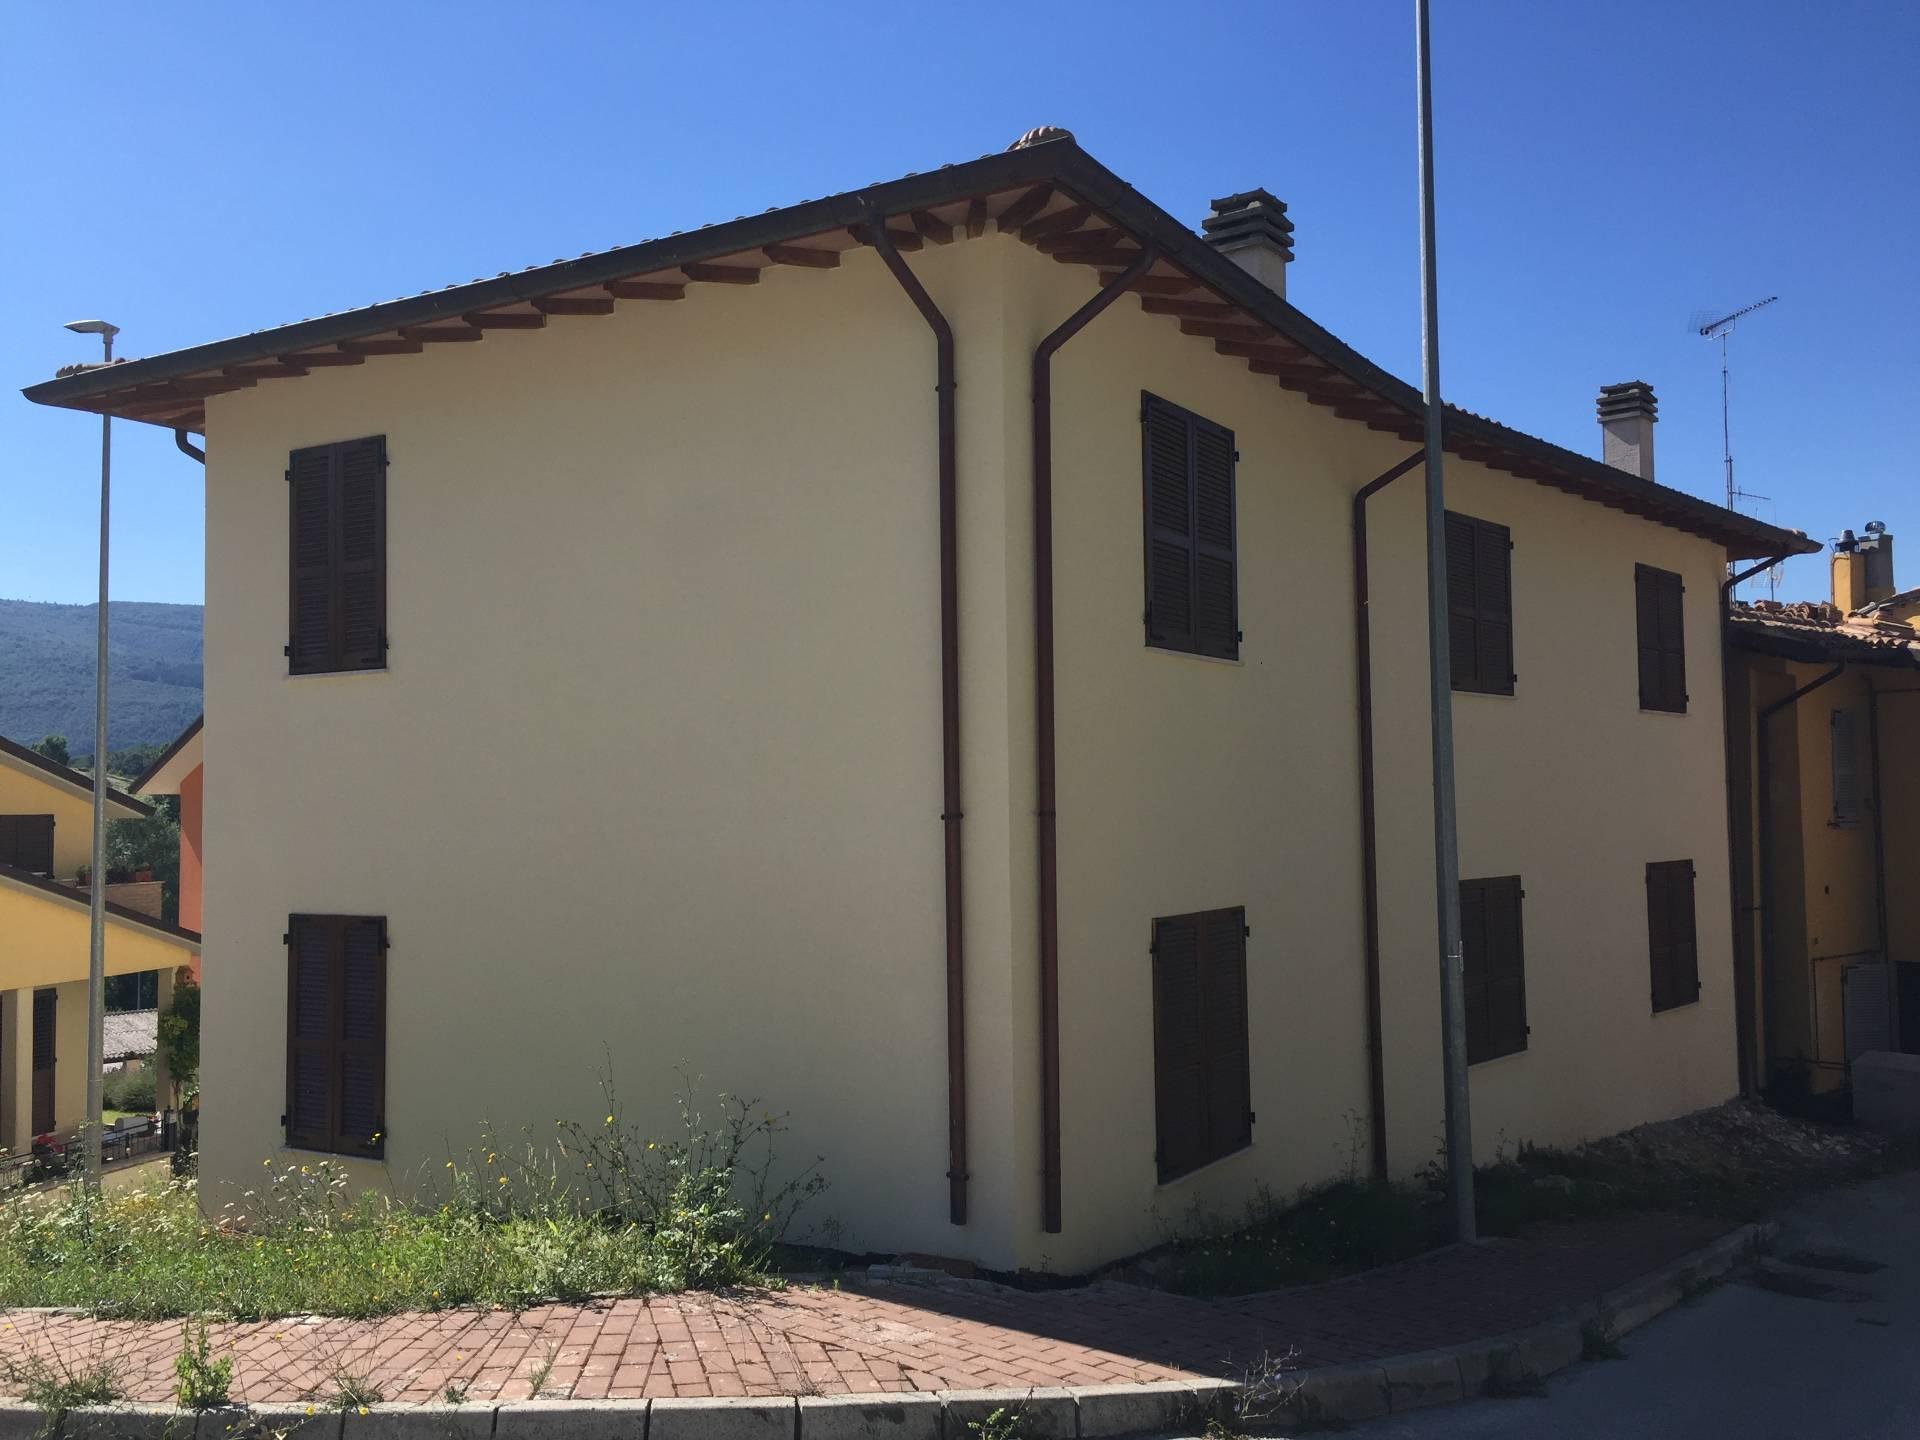 Appartamento in vendita a Nocera Umbra, 3 locali, prezzo € 50.000 | CambioCasa.it